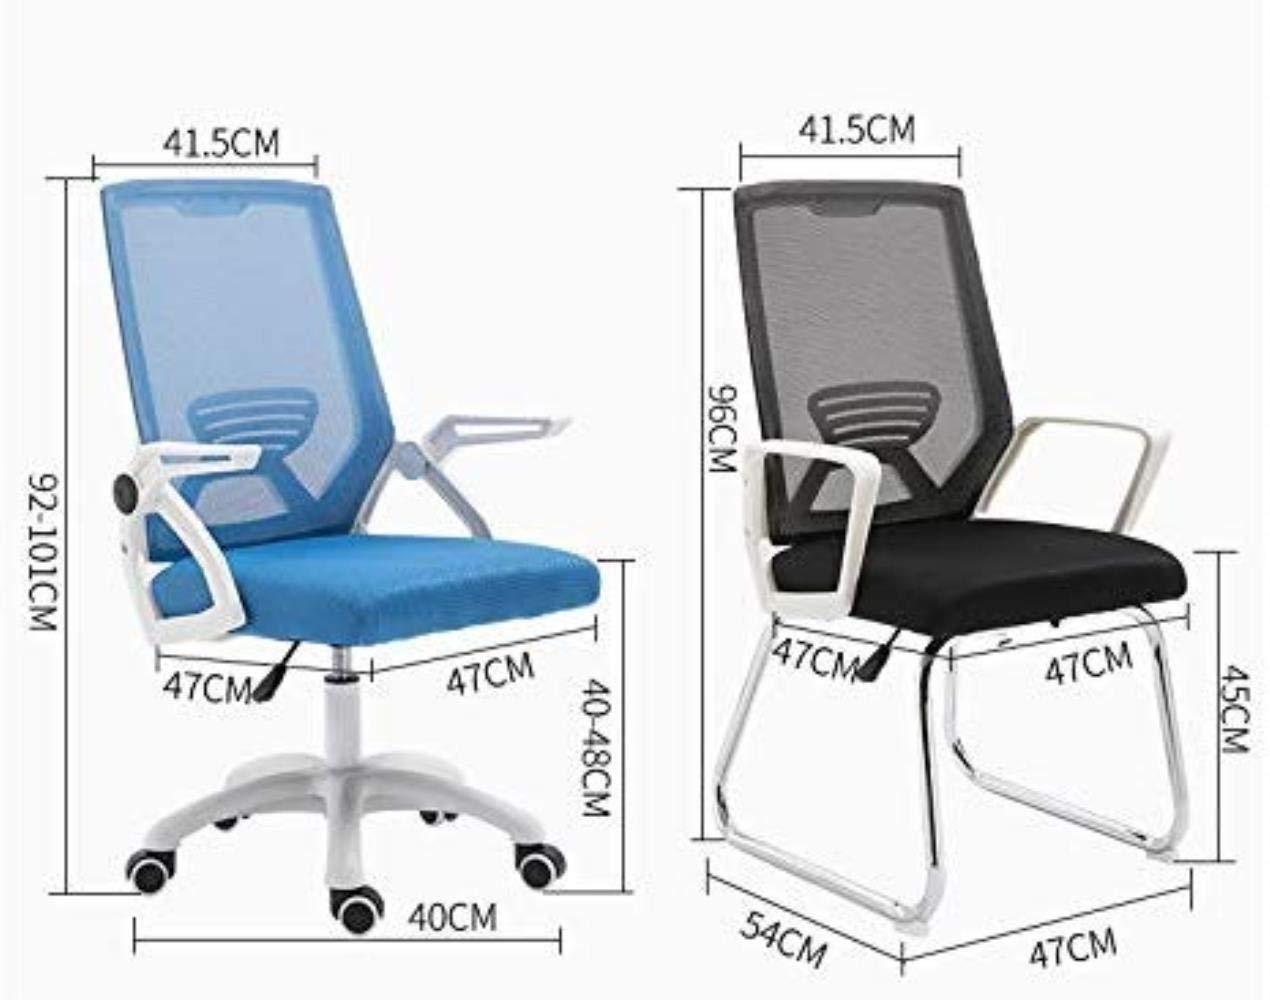 Kontorsstol LHY- ergonomisk hem konferens bekväm sovsal studentstol ryggstol hållbar (färg: Blå) Svart